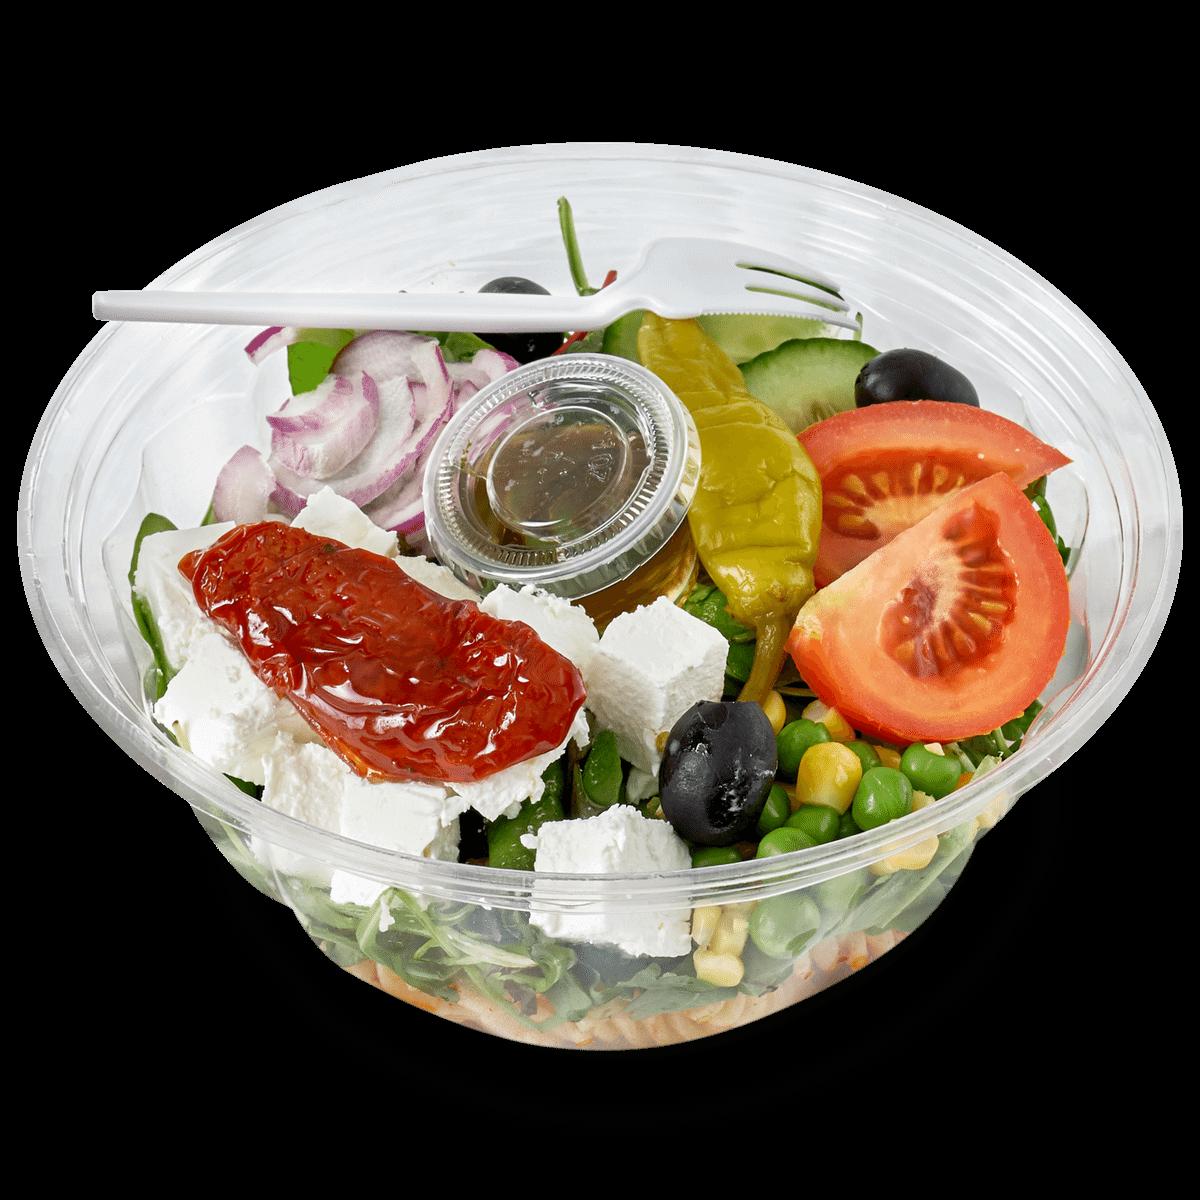 sallader-vegetarisk-sallad-01